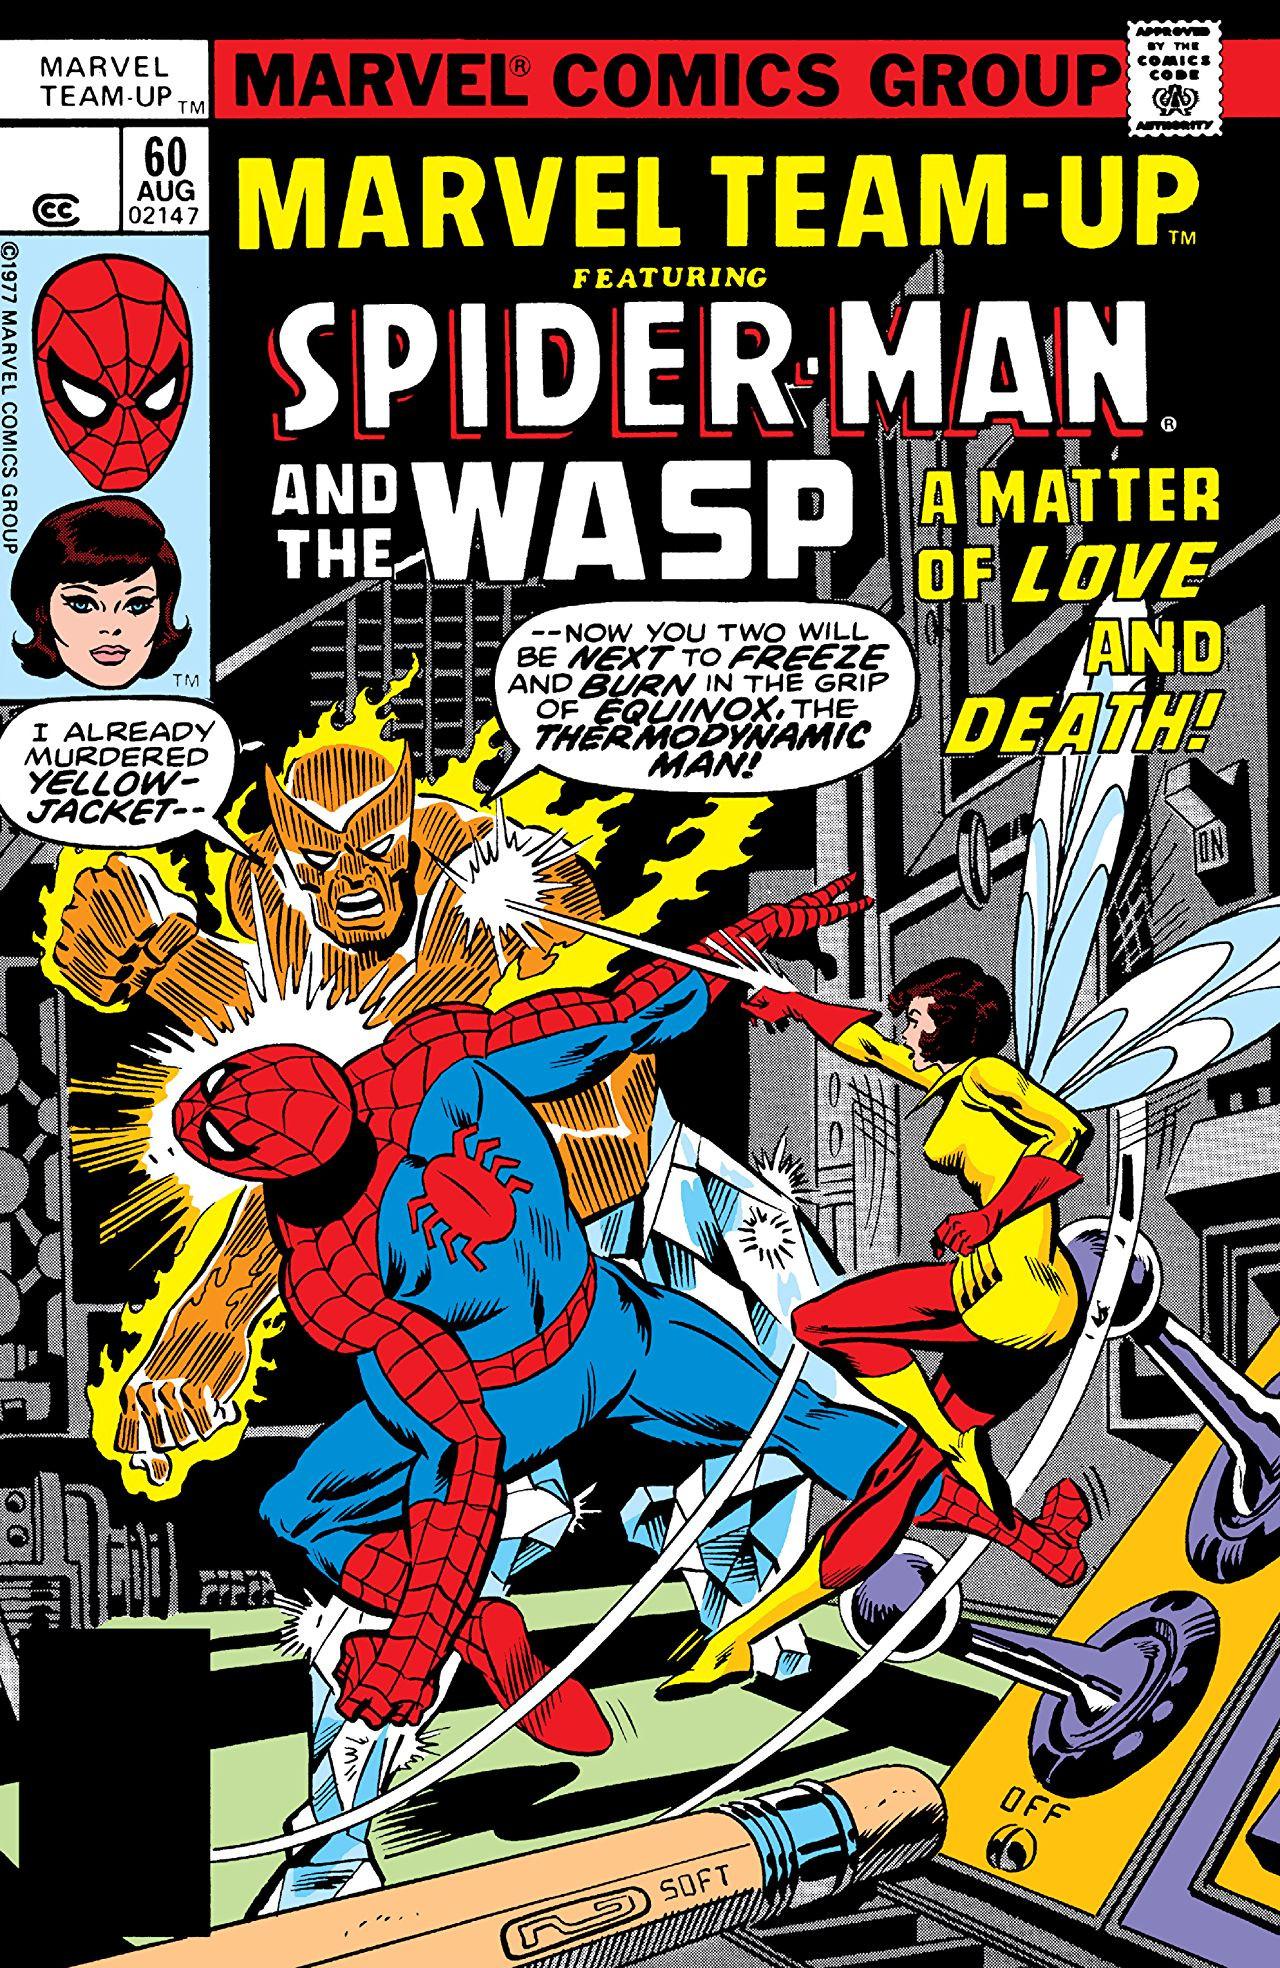 Marvel Team-Up Vol 1 60.jpg